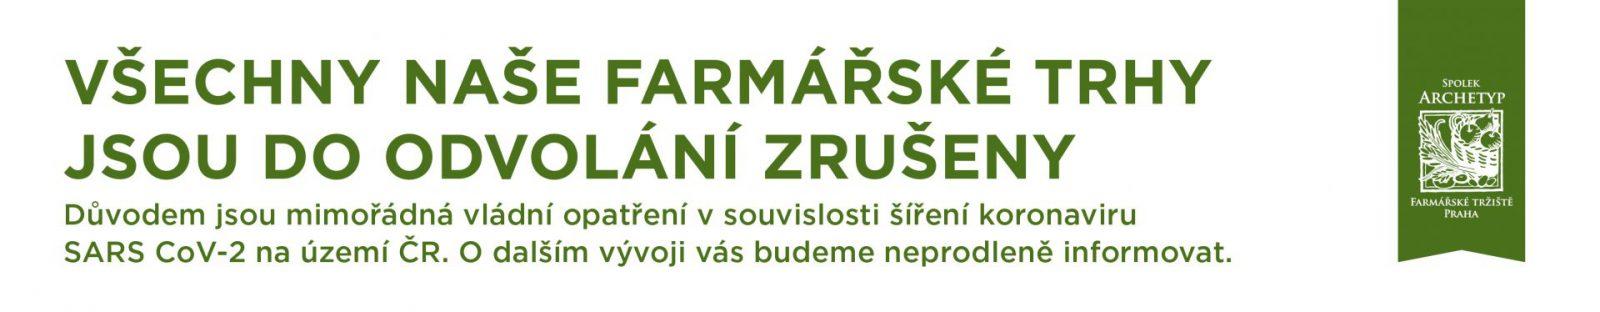 https://www.farmarsketrziste.cz/wp-content/uploads/ft-2020-banner-web-770x150-v2.jpg